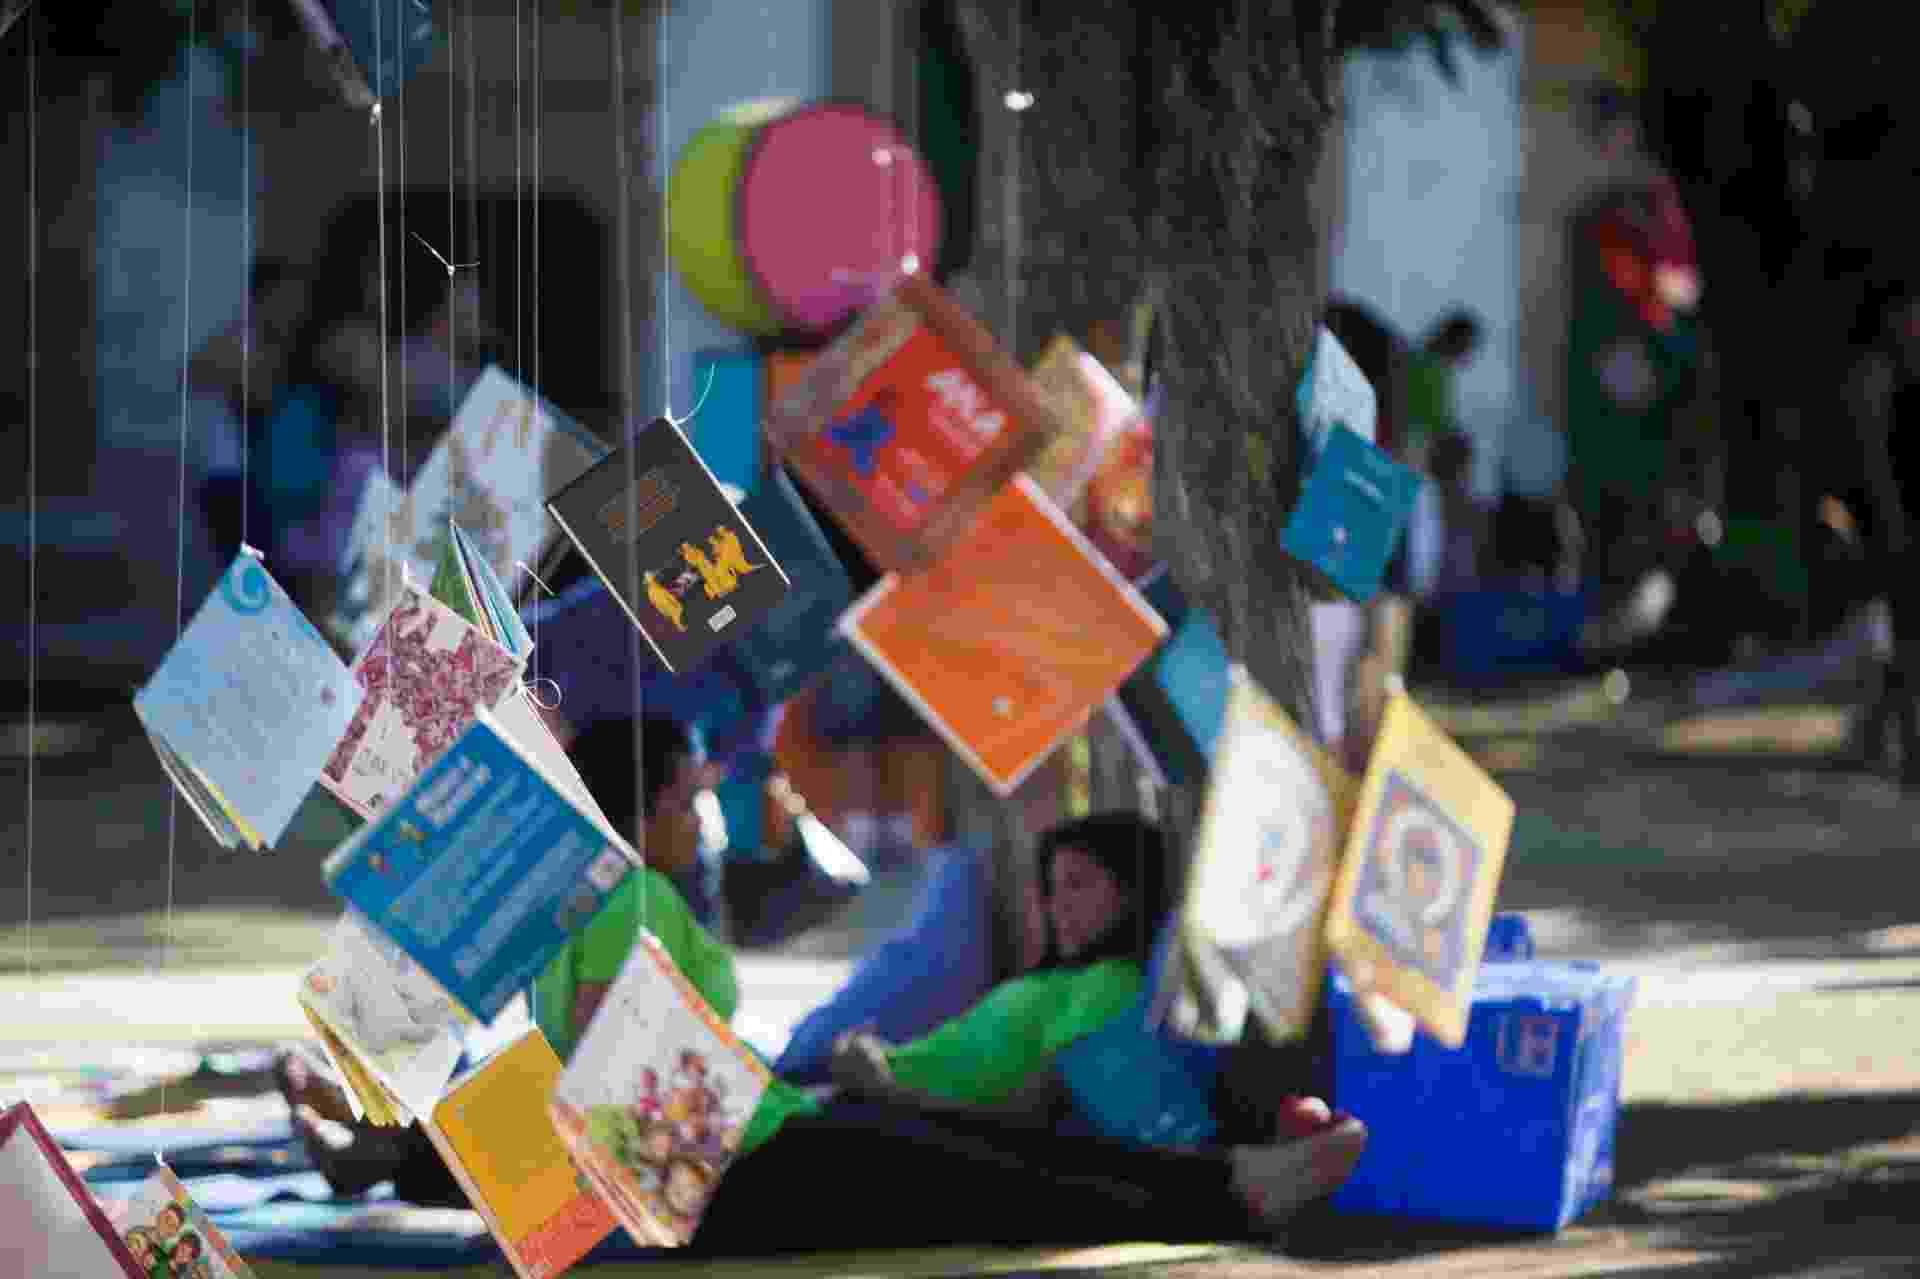 3.ago.2014 - Livros dão em árvore em Paraty durante a Flip - Danilo Verpa/Folhapress